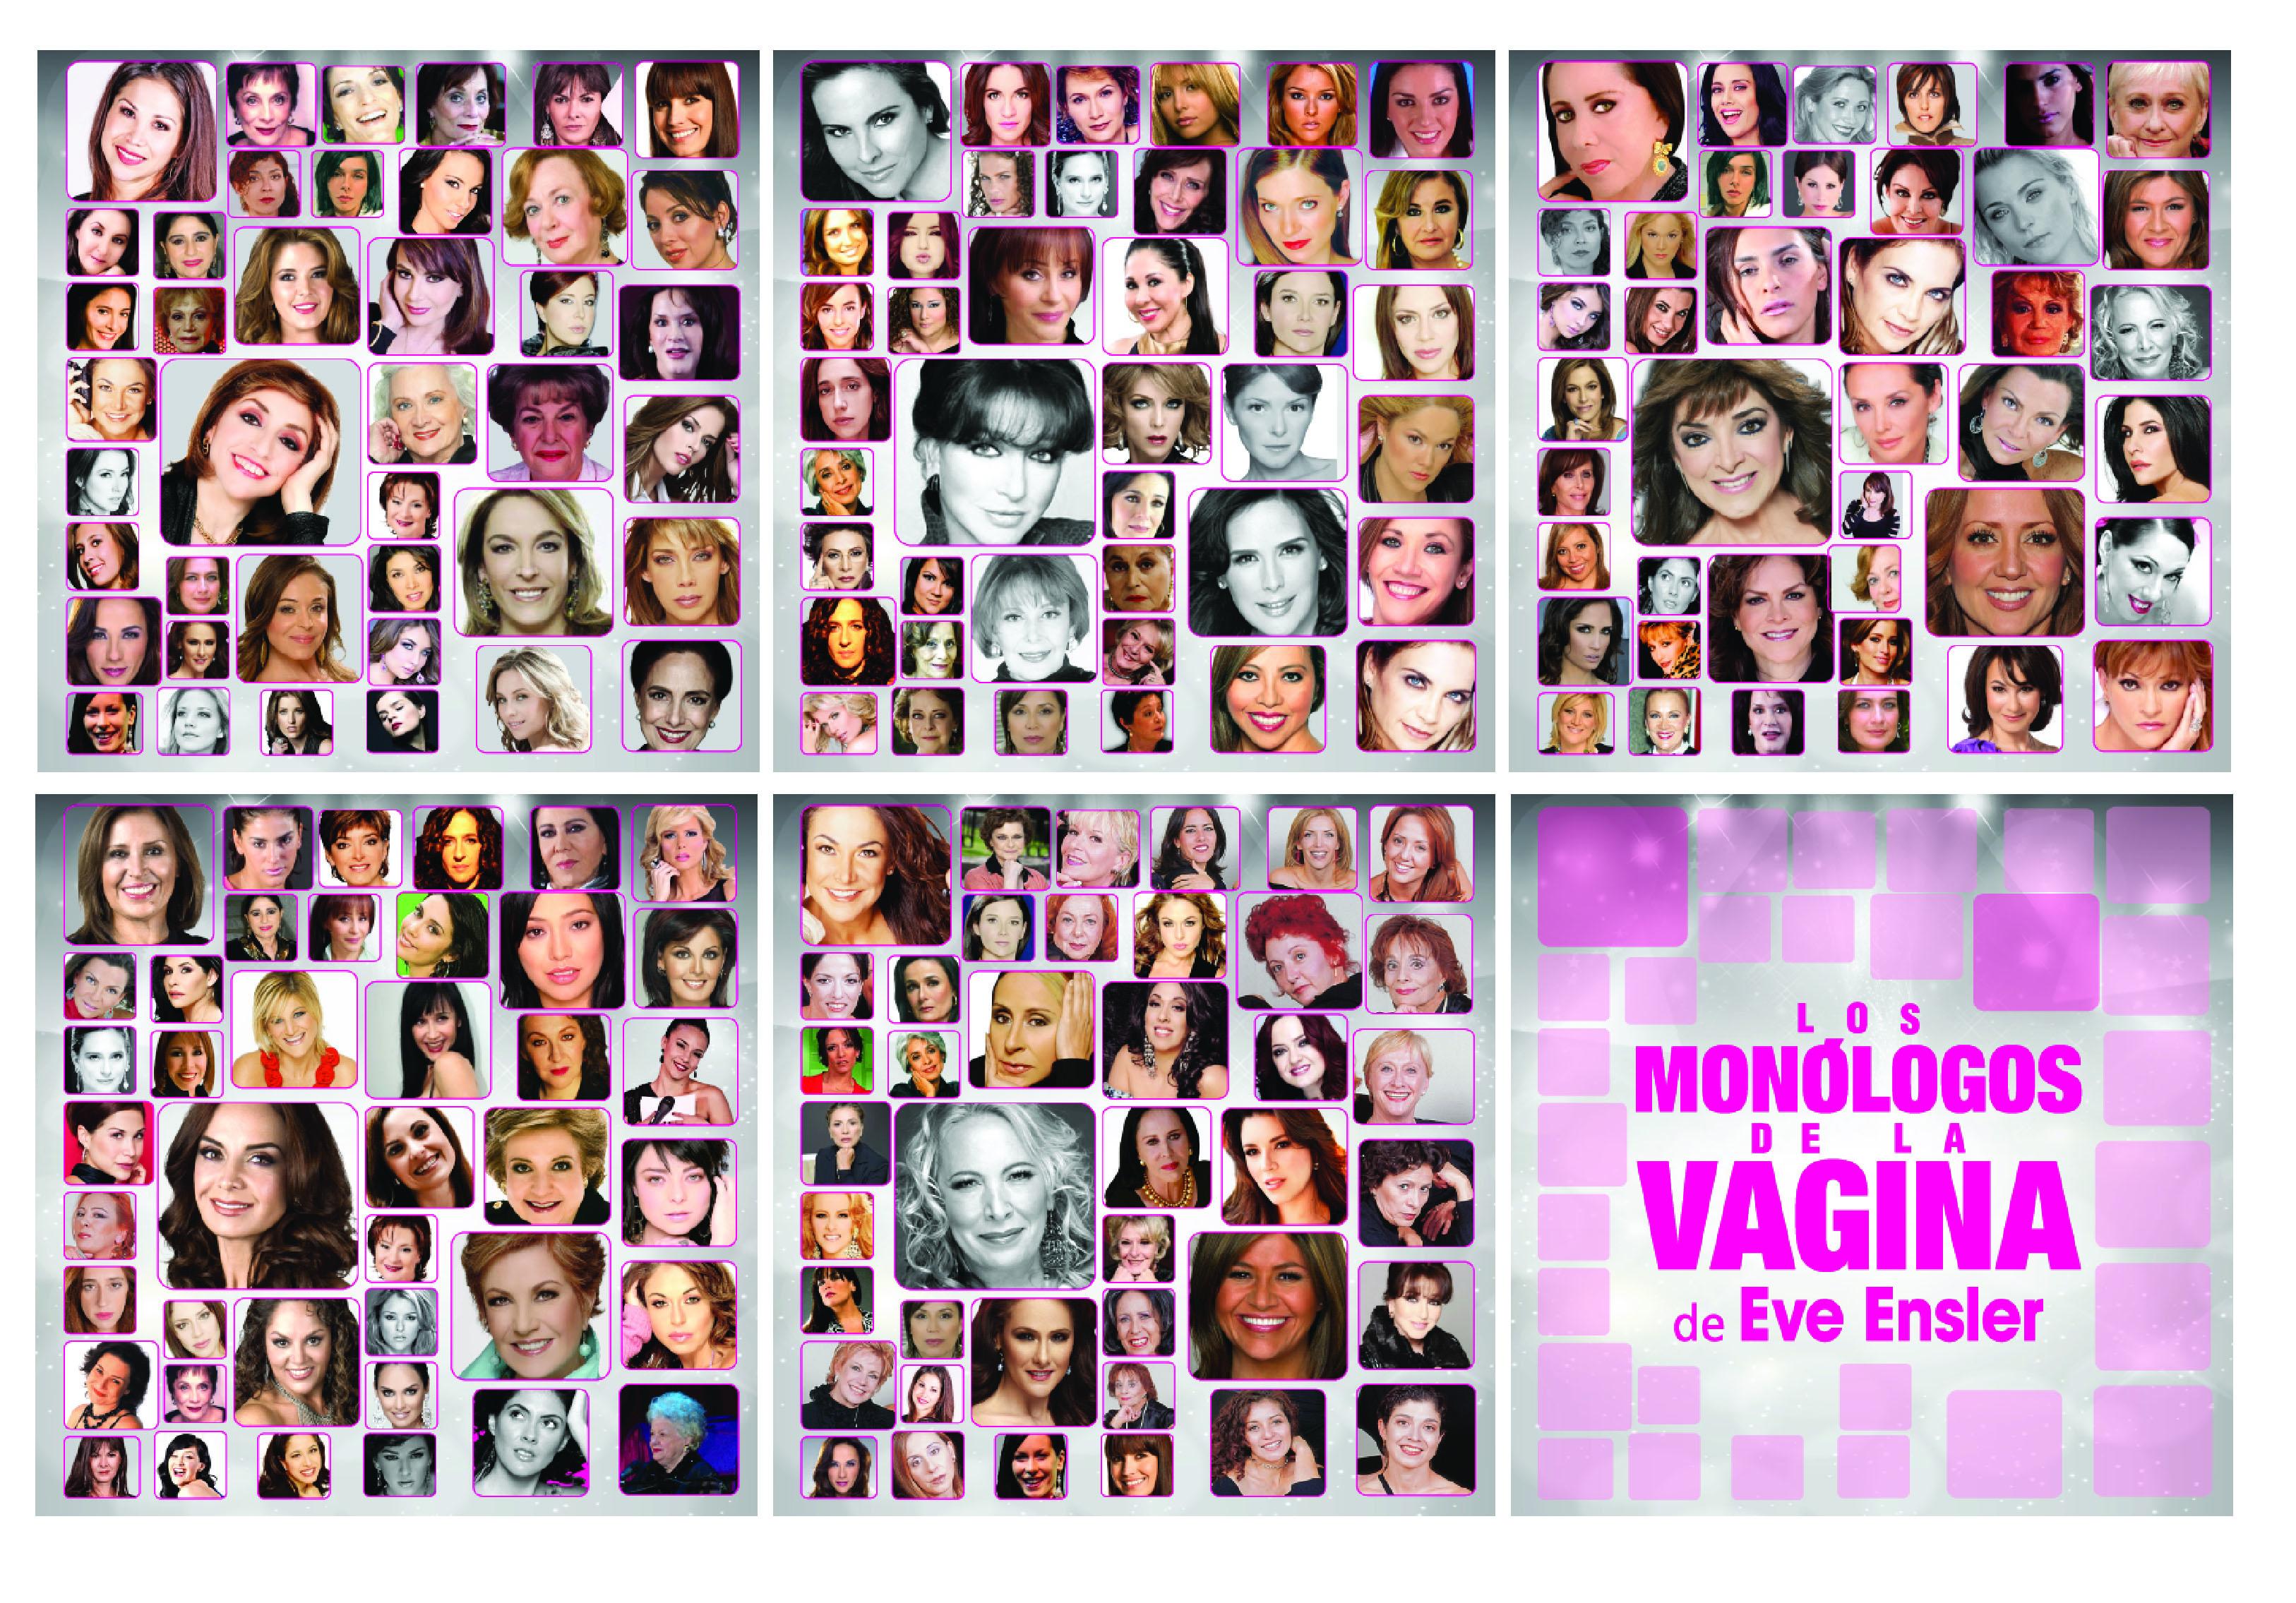 Los monólogos de la vagina última función: 20 de octubre